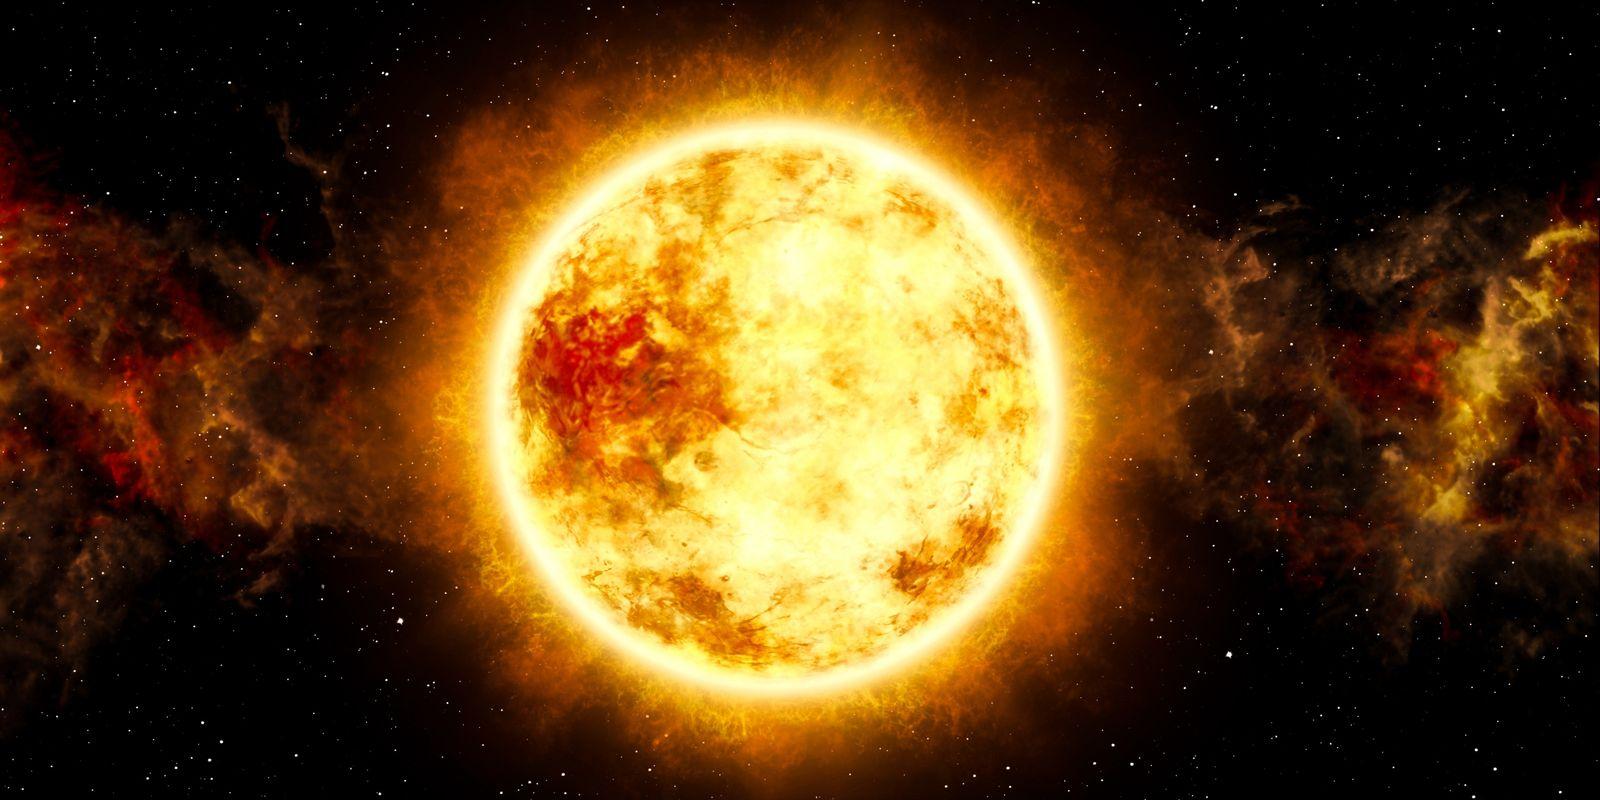 L'étoile jumelle de notre Soleil aurait été découverte